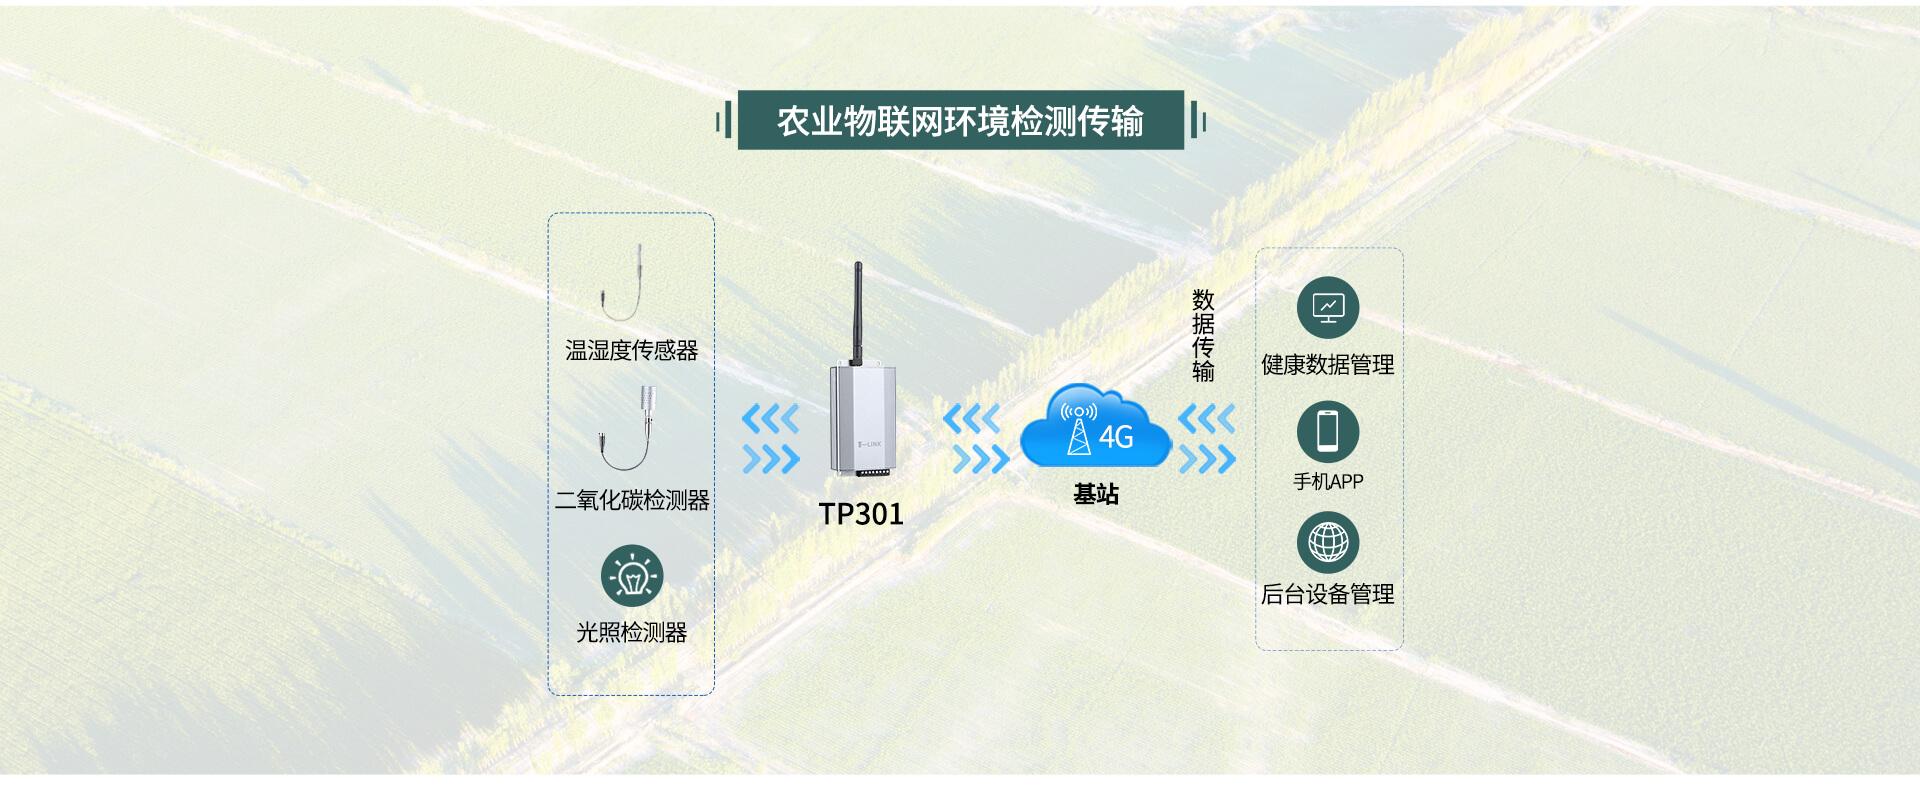 4G DTU无线传输模块